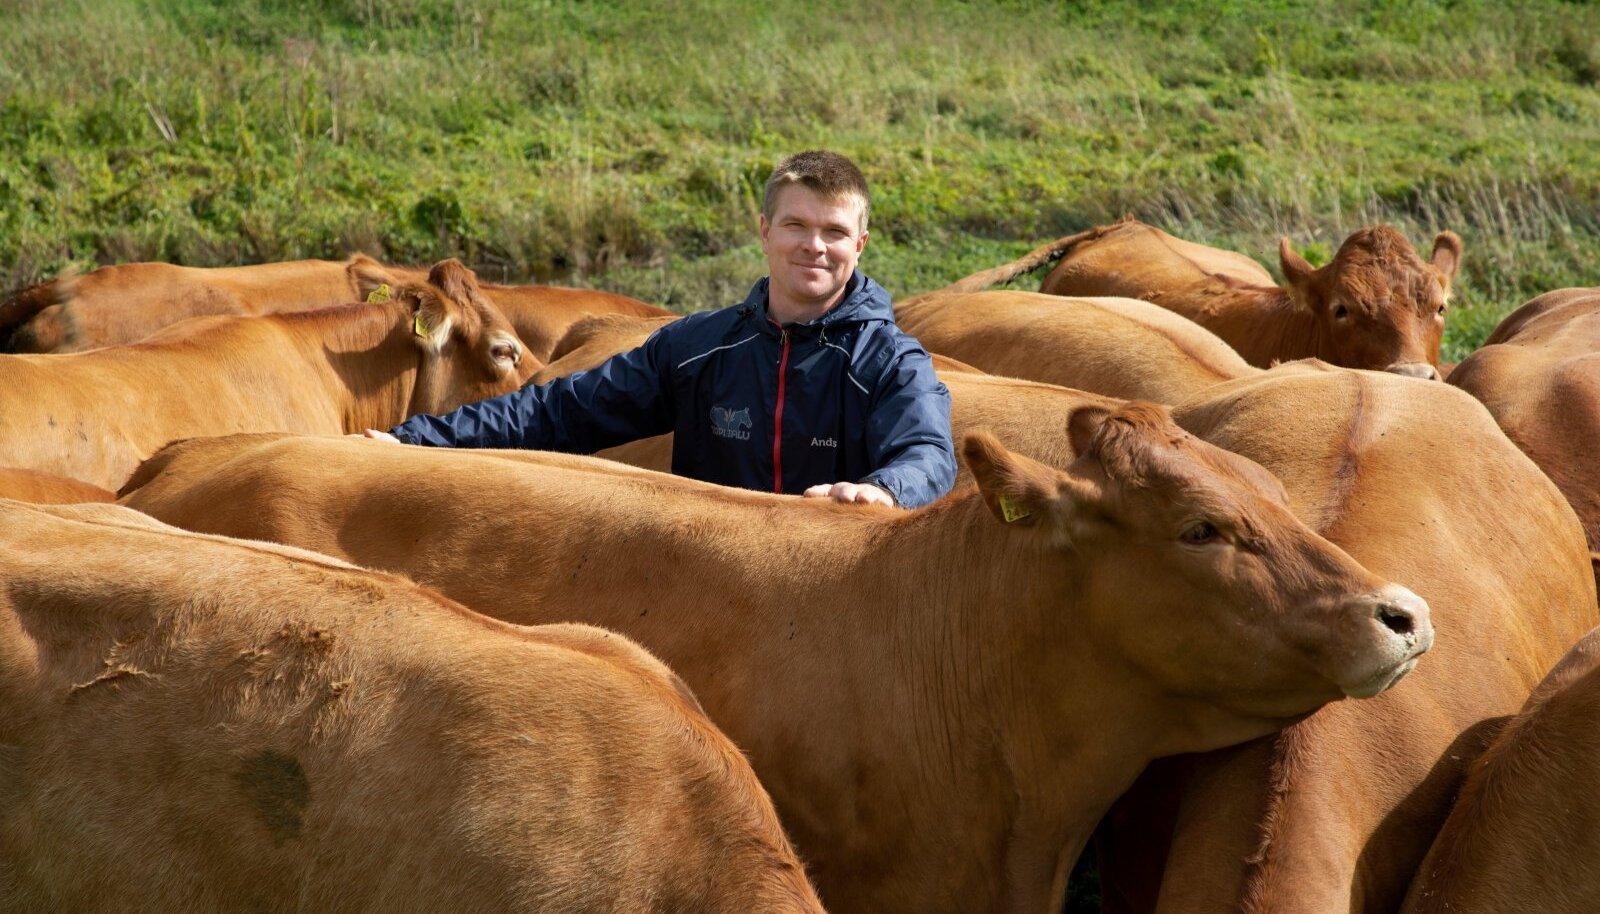 """""""Varem meeldis mulle rohkem teraviljakasvatus, aga viimaste aastatega on lihaveised saanud üha hingelähedasemaks,"""" teatab Andres Vaan oma limusiinide keskel."""